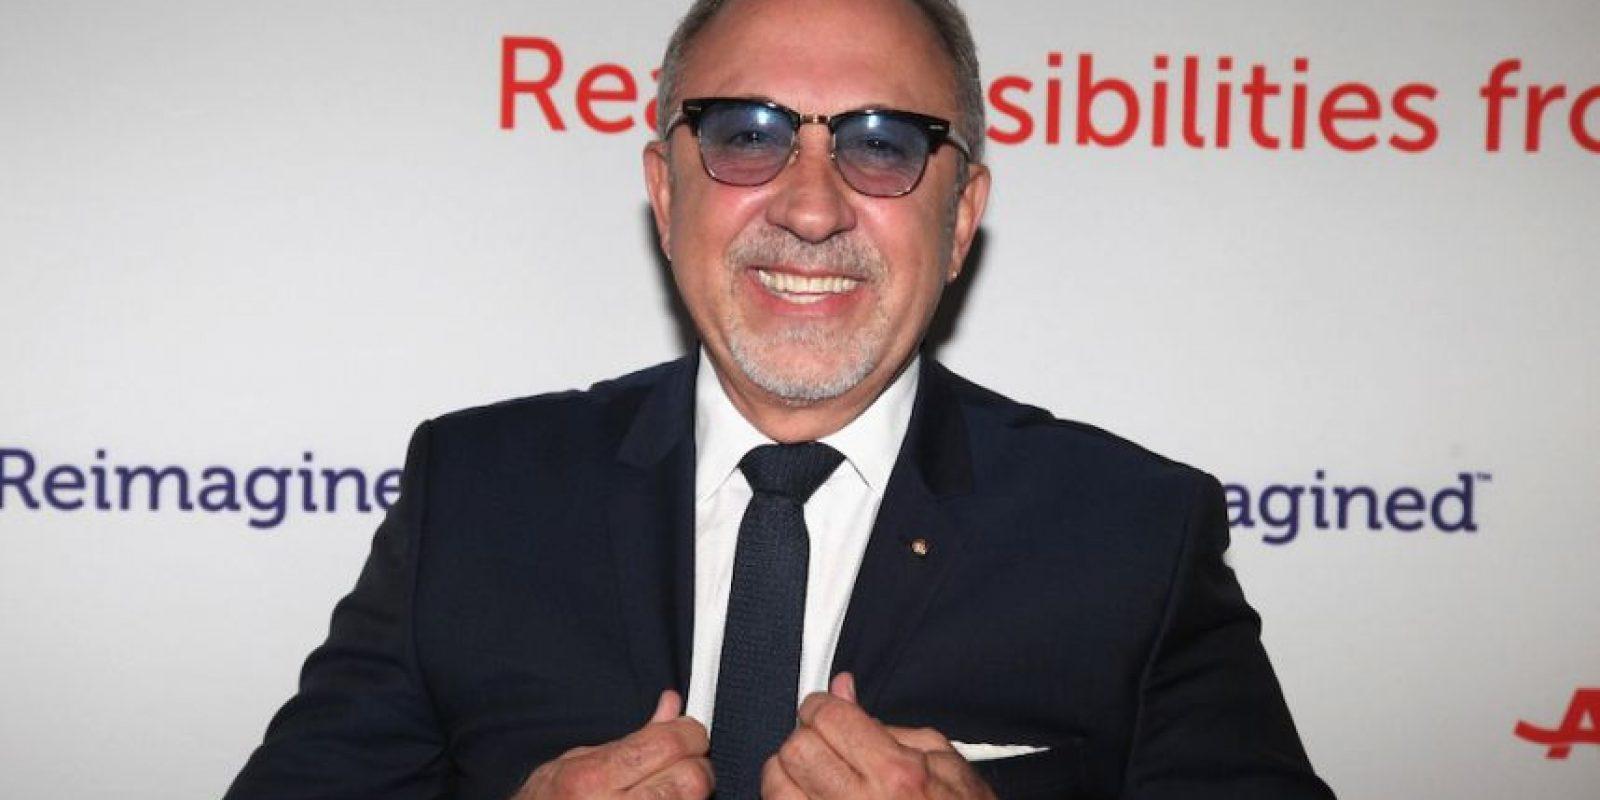 El músico y productor estadounidense ha trabajado con artistas como Thalía, Shakira, Celia Cruz, entre muchos otros. Está casado con Gloria Estefan. Foto:Getty Images